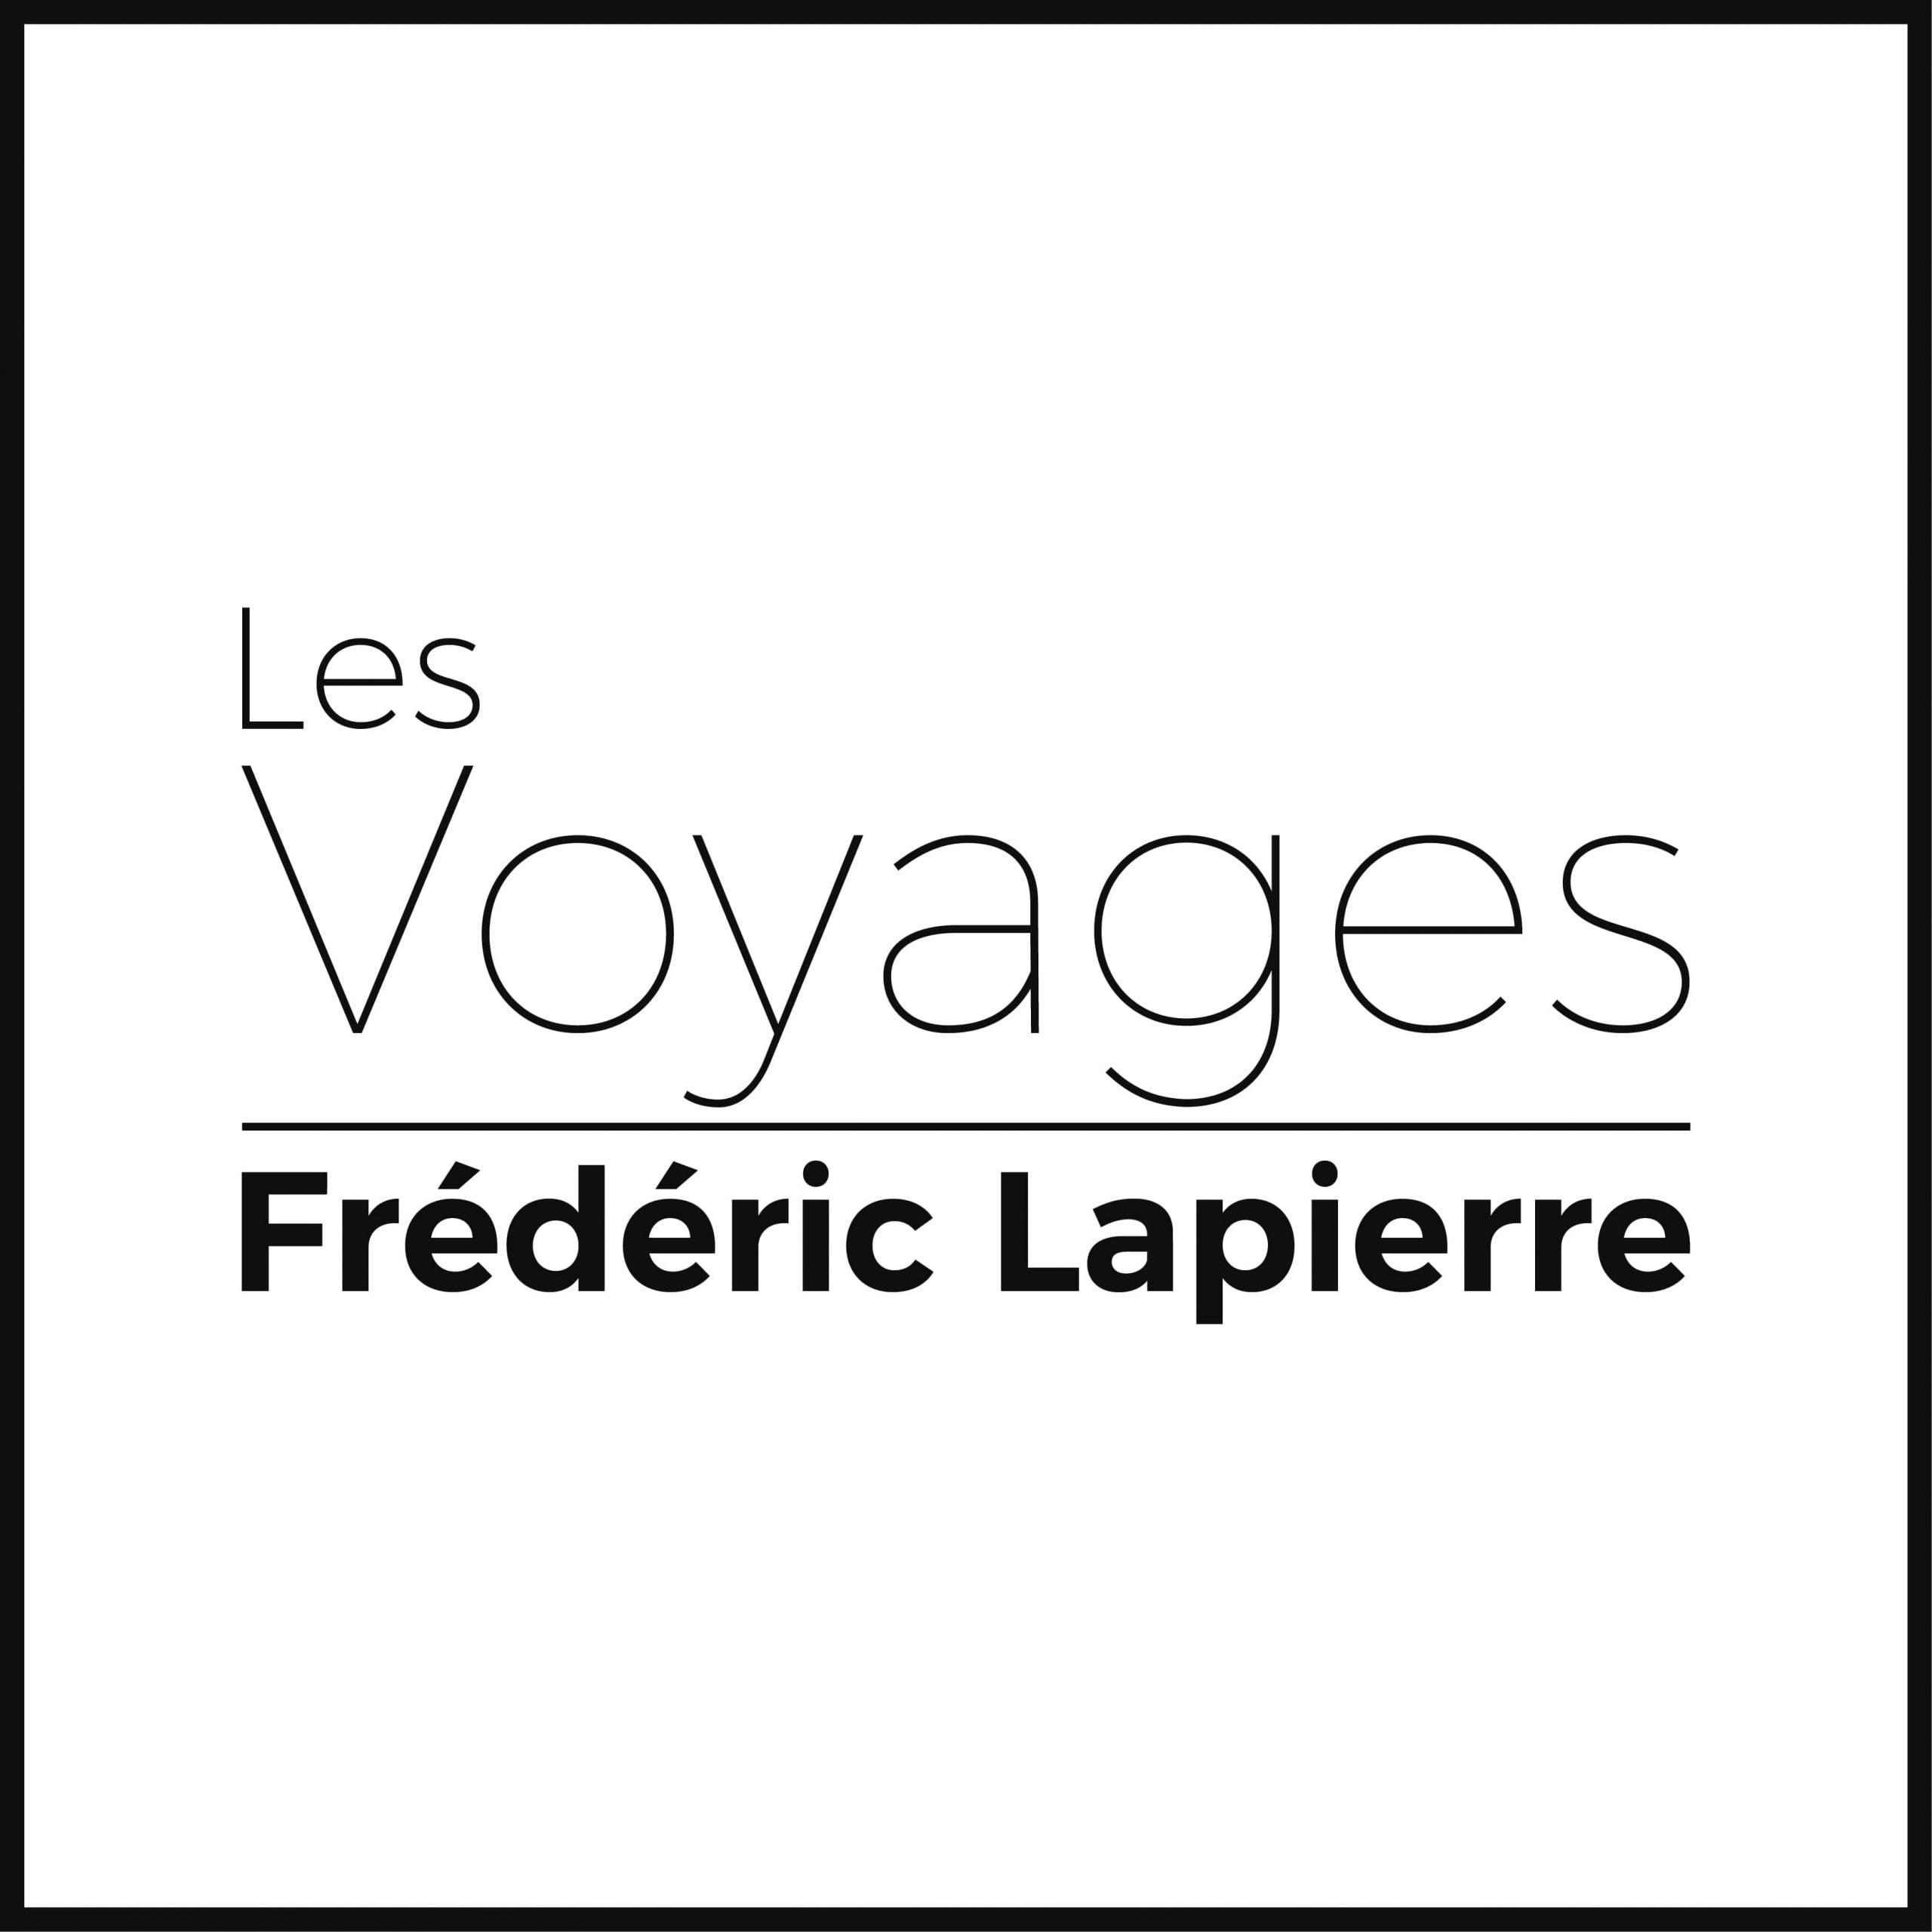 Voyages Frédéric Lapierre - Modernisation de logo